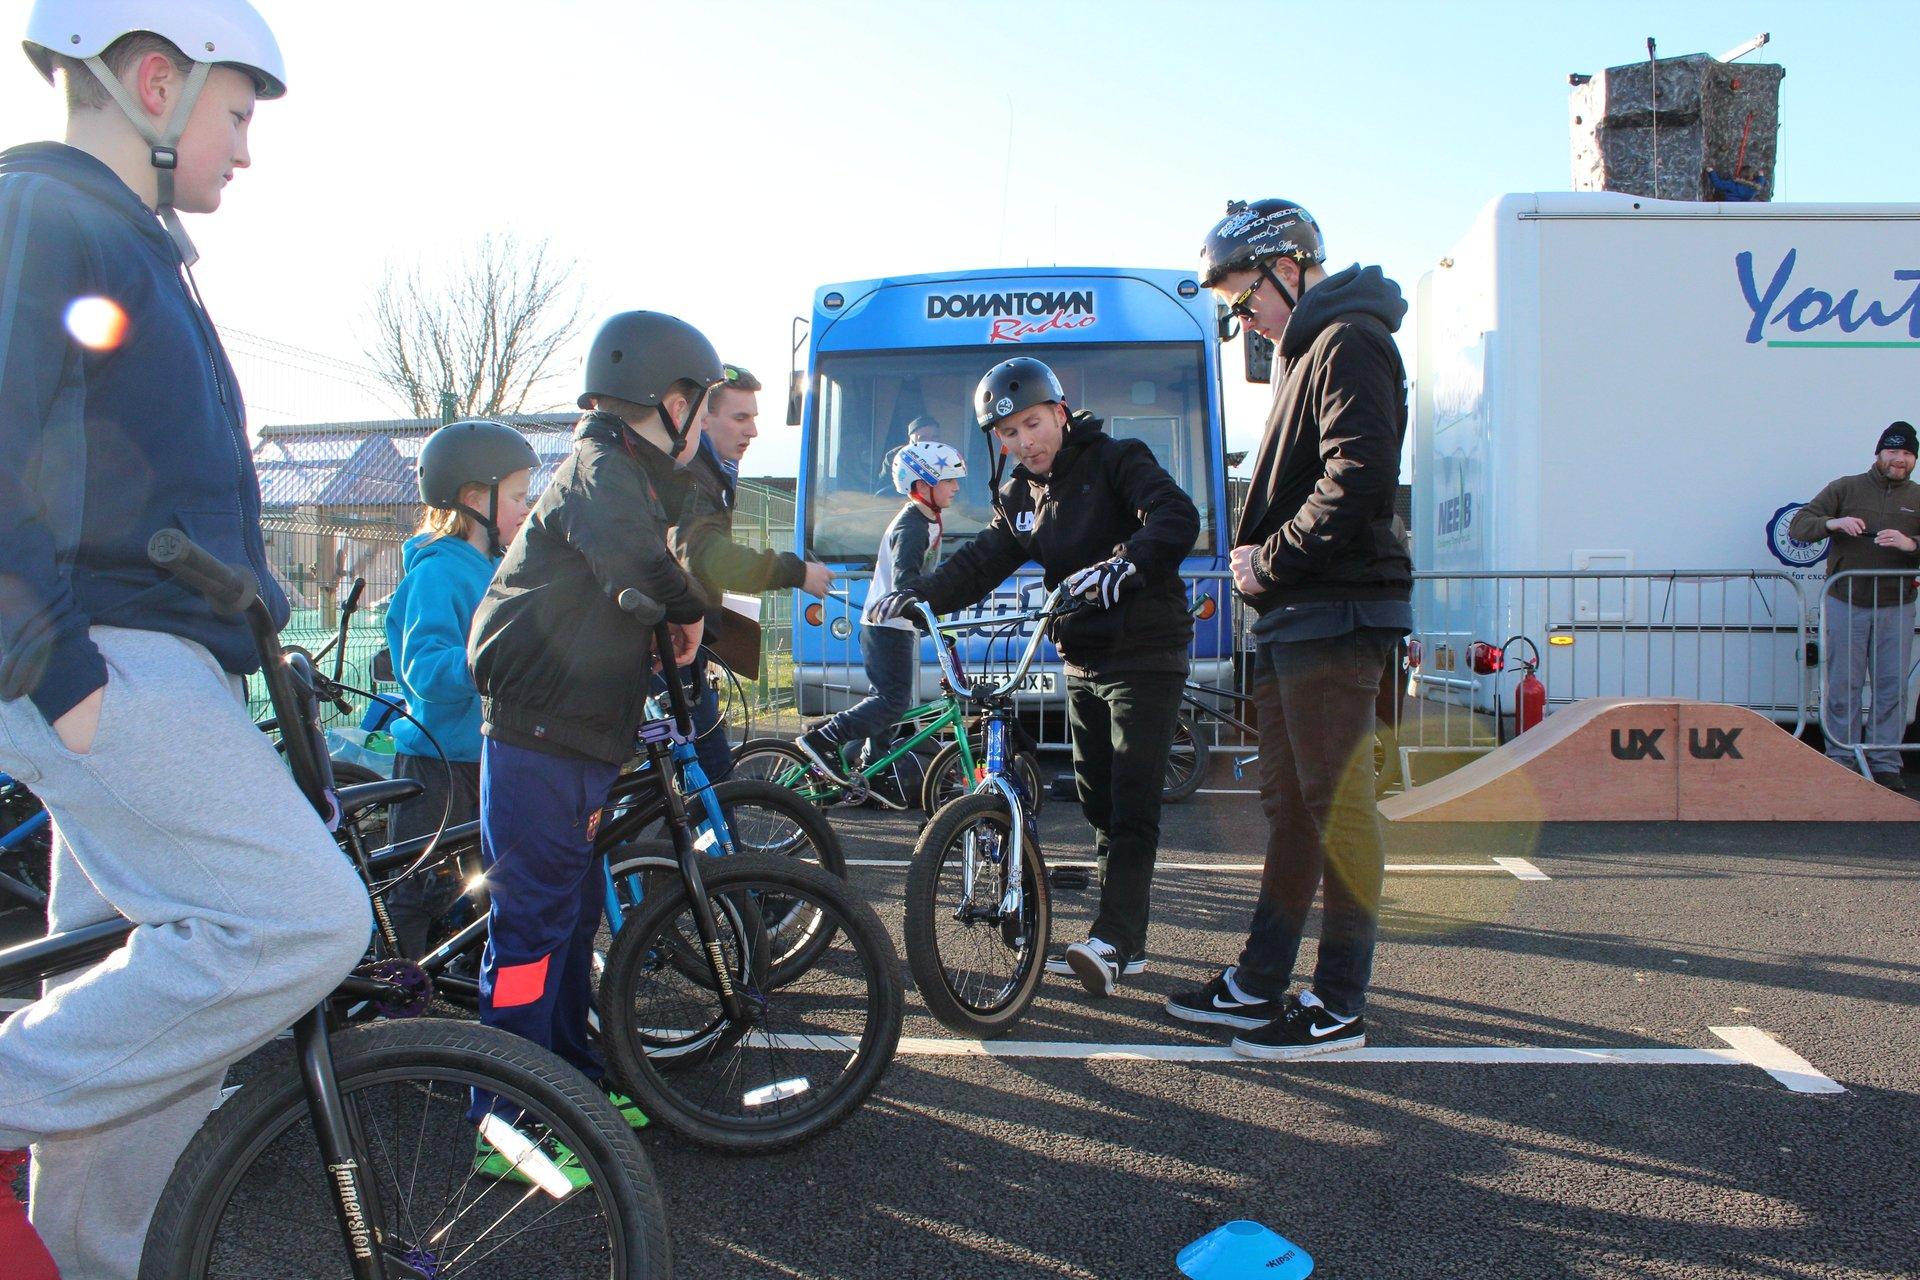 BMX Coaching newtownabbey - bmx coaching class